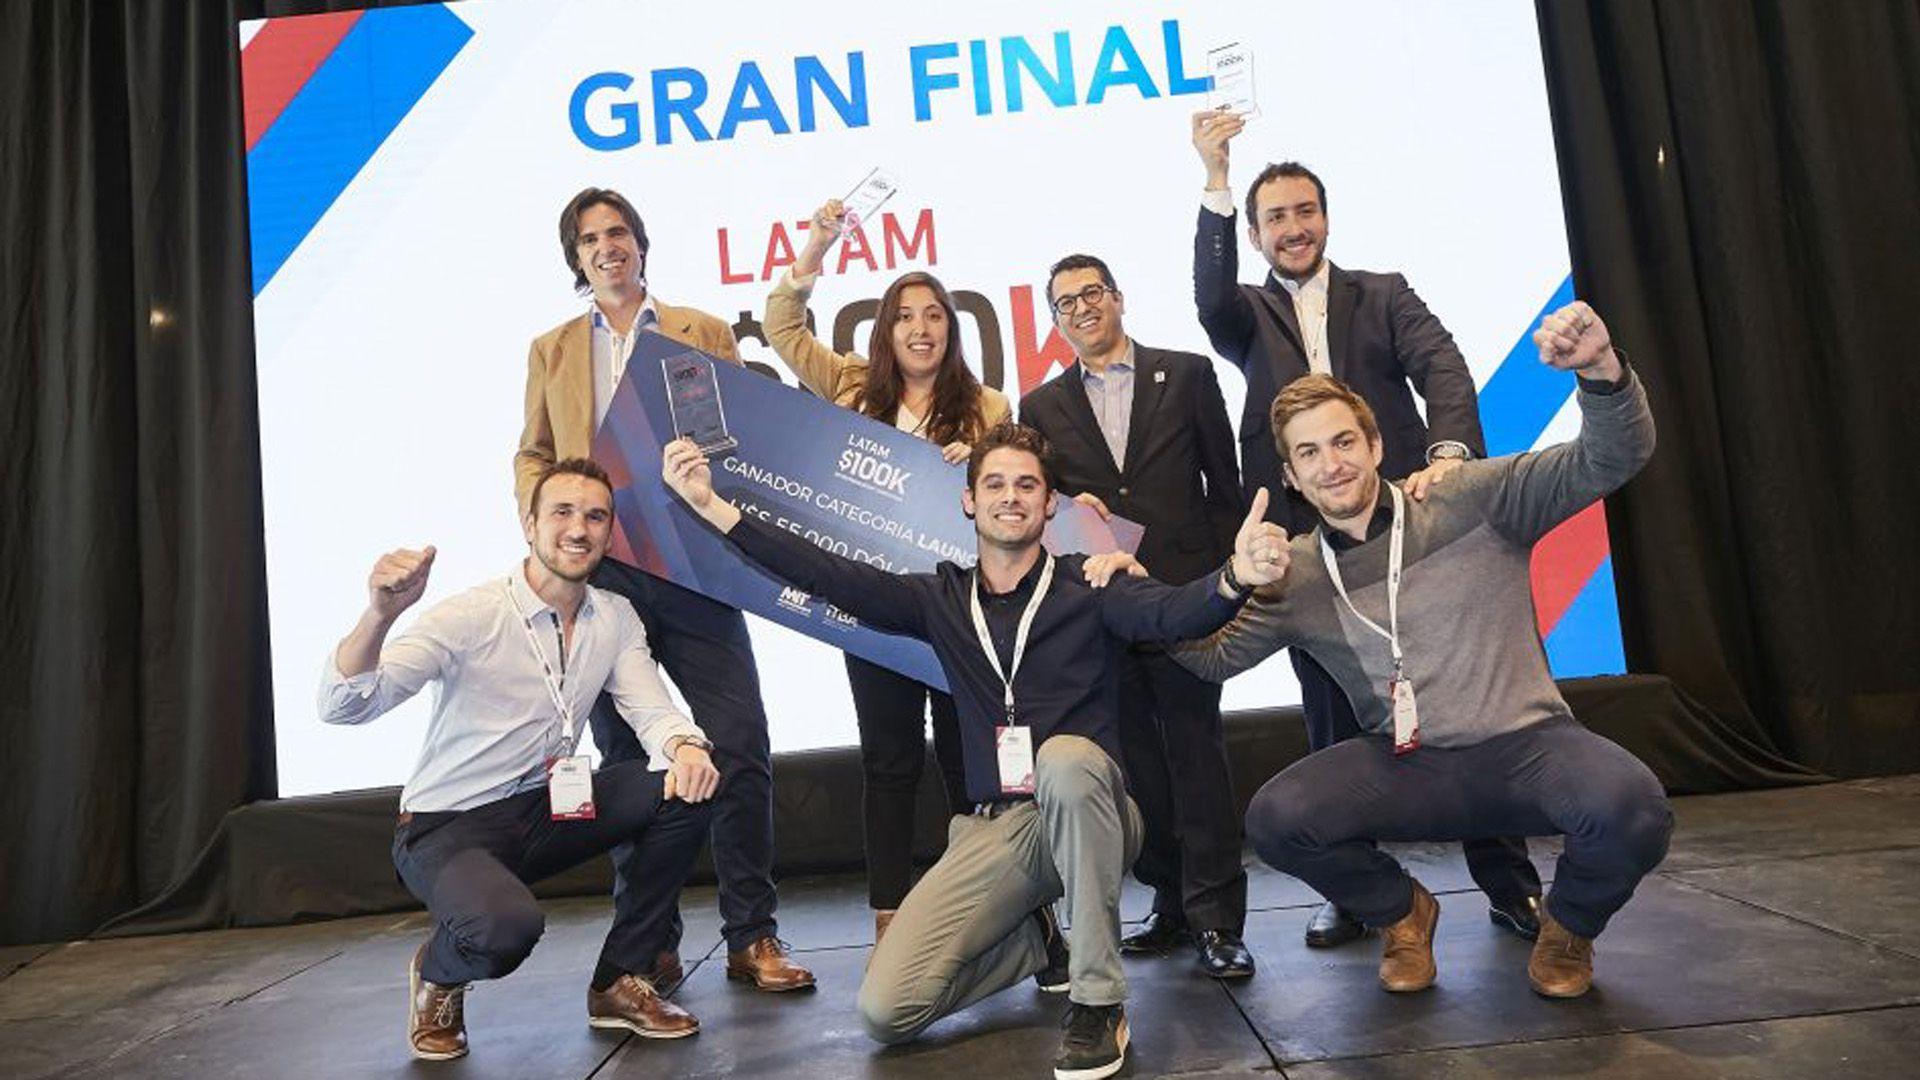 Los ganadores de la primera edición en 2018